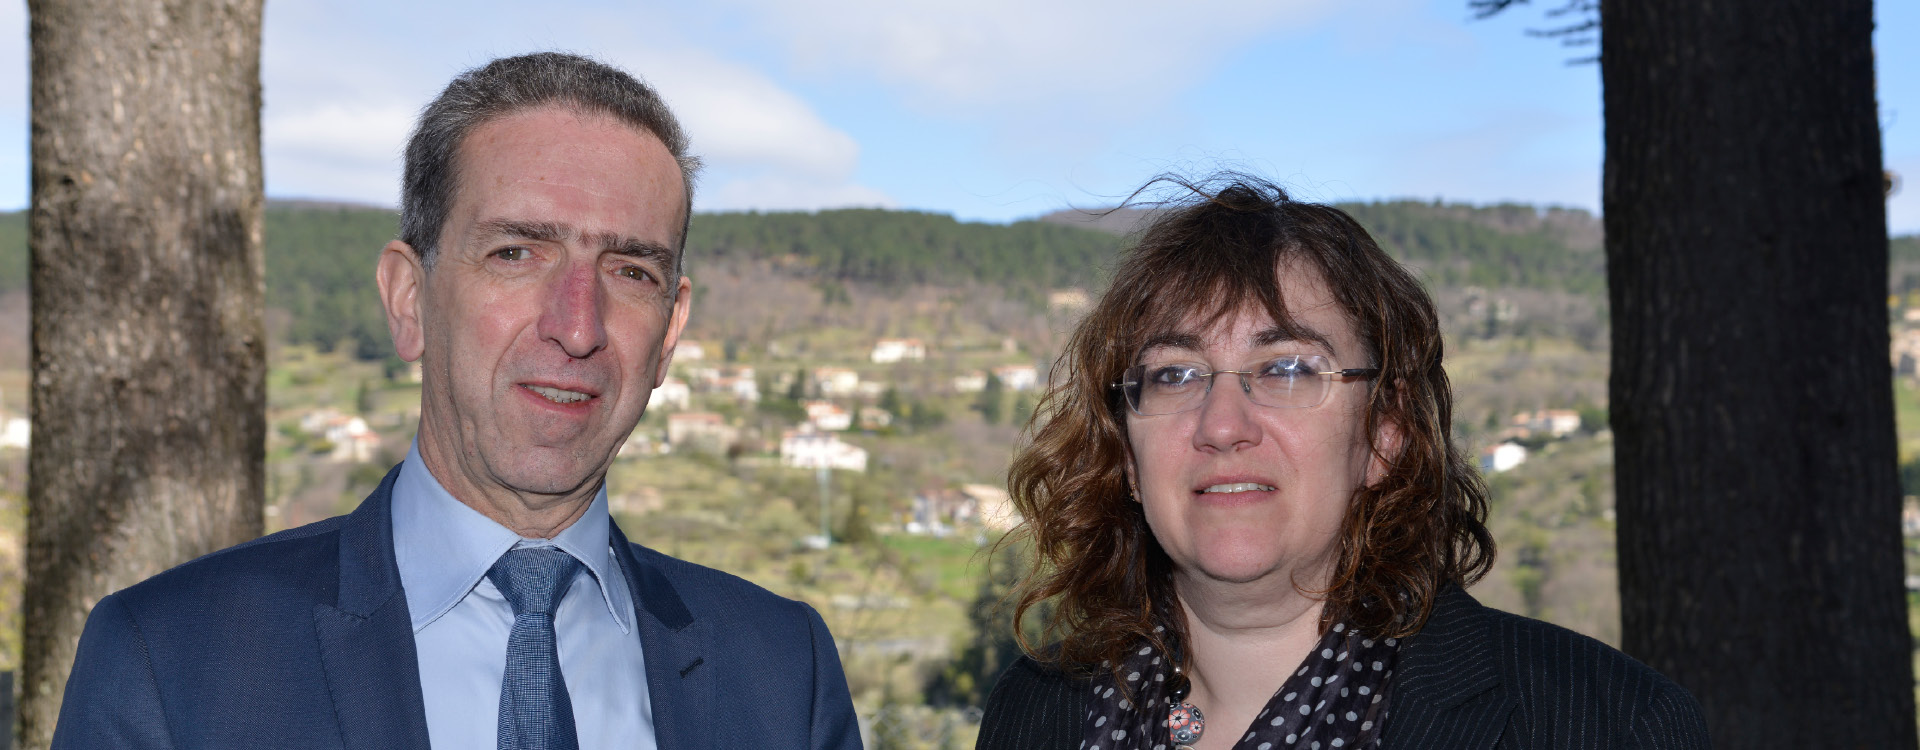 Réunion publique Laetitia Serre et Maurice Weiss